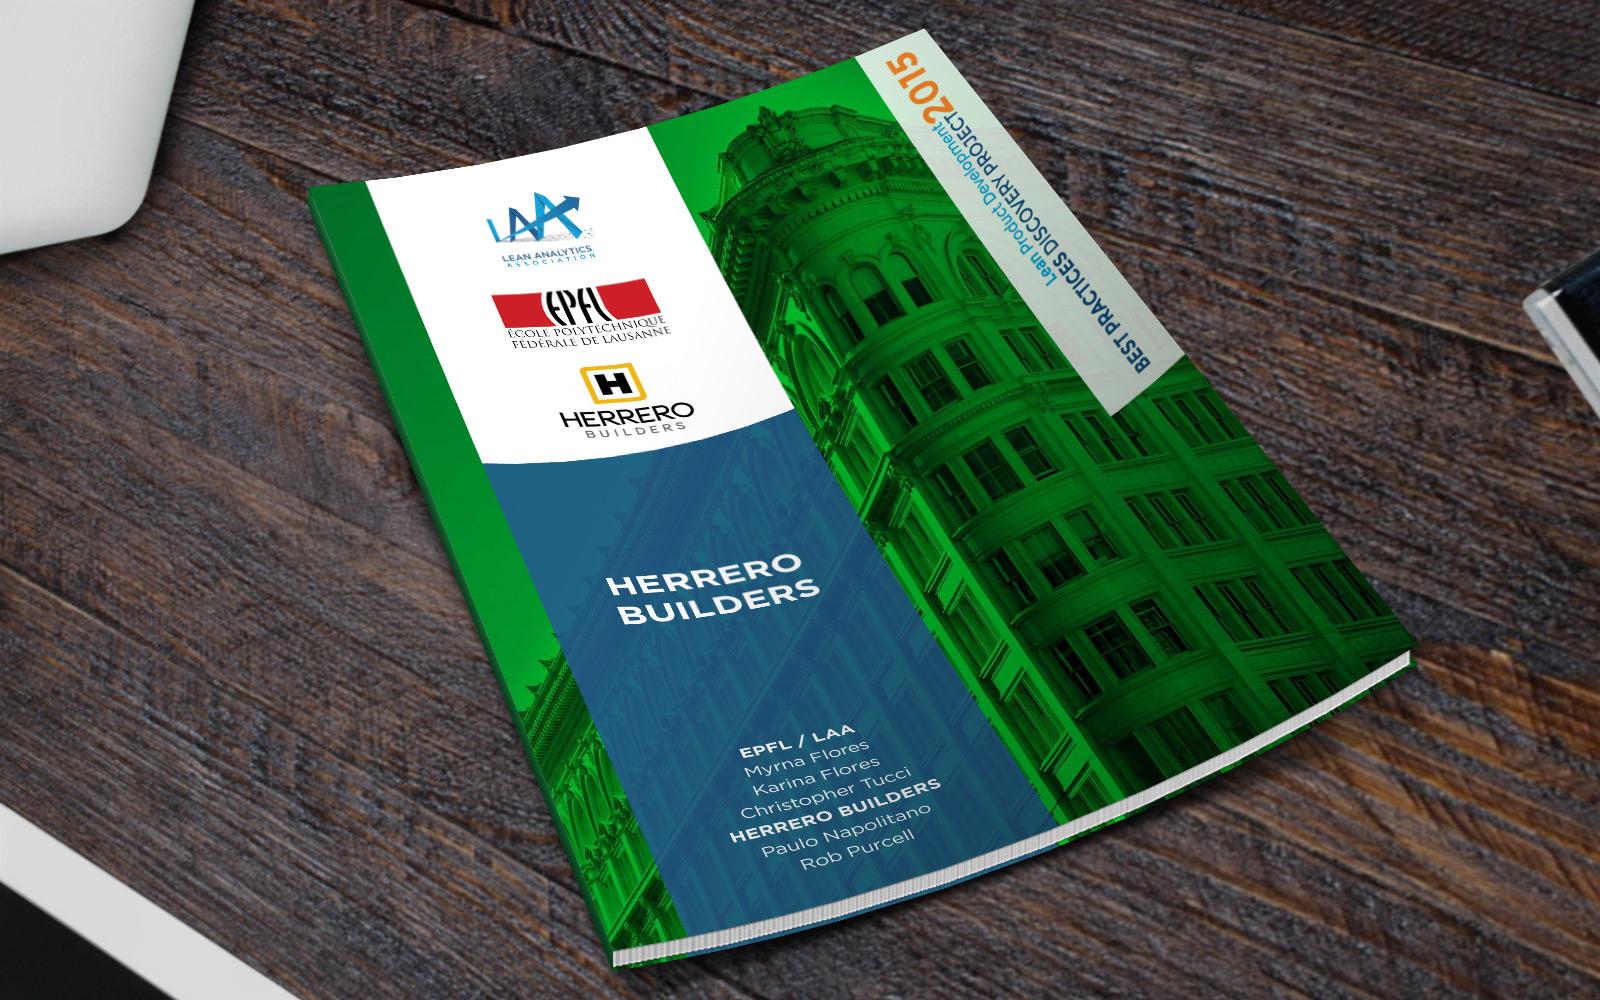 laa-library_cases-herrero